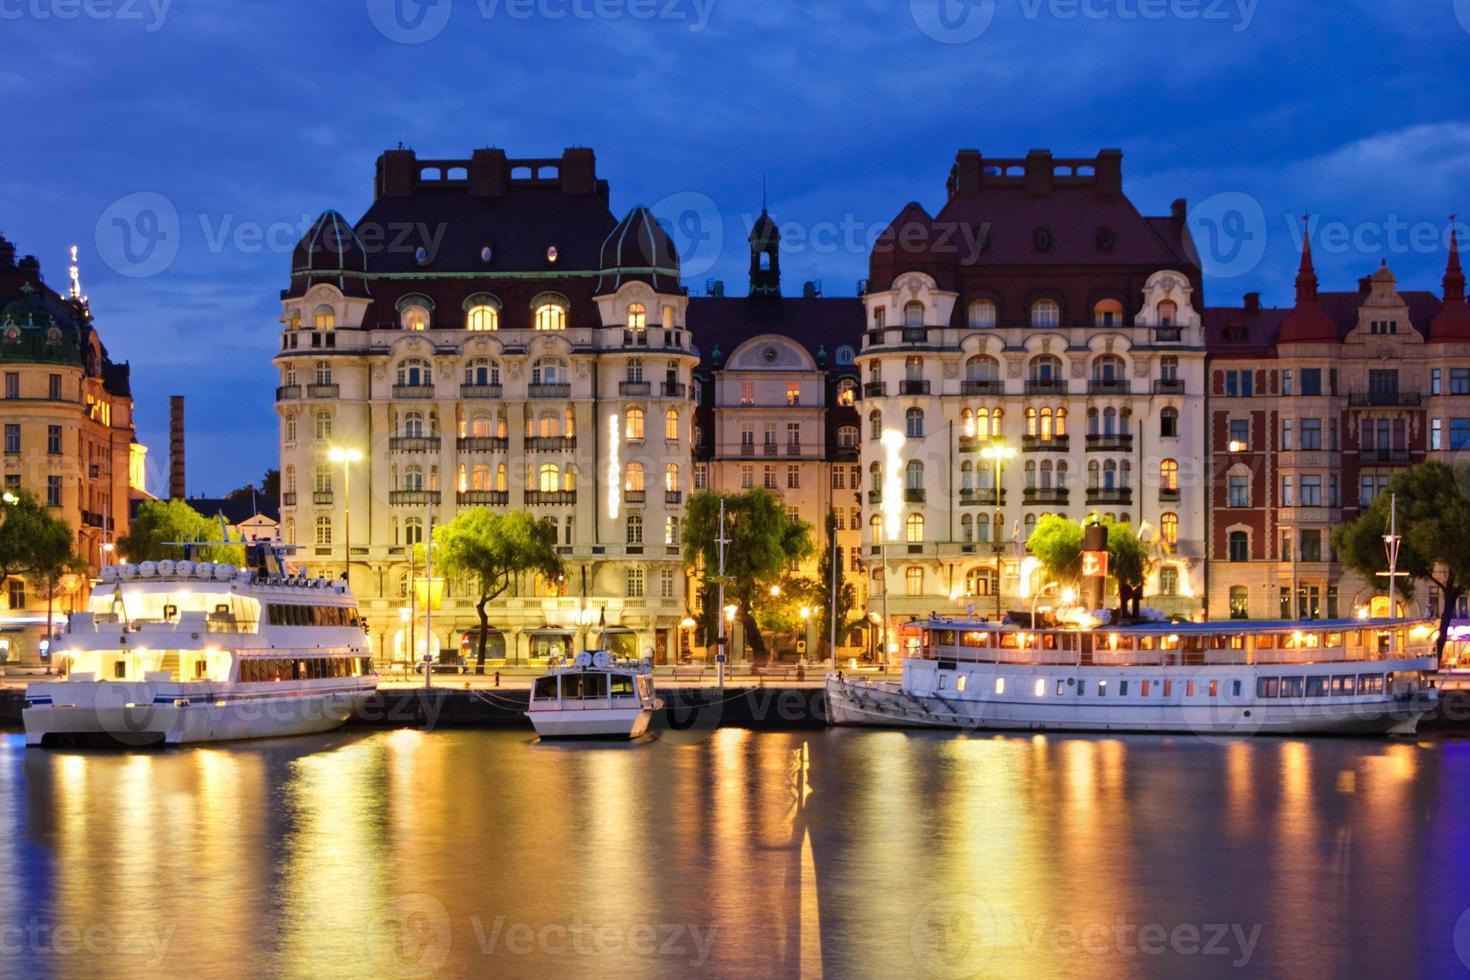 Blaustundenaufnahme von Jugendstilgebäuden in Stockholm foto